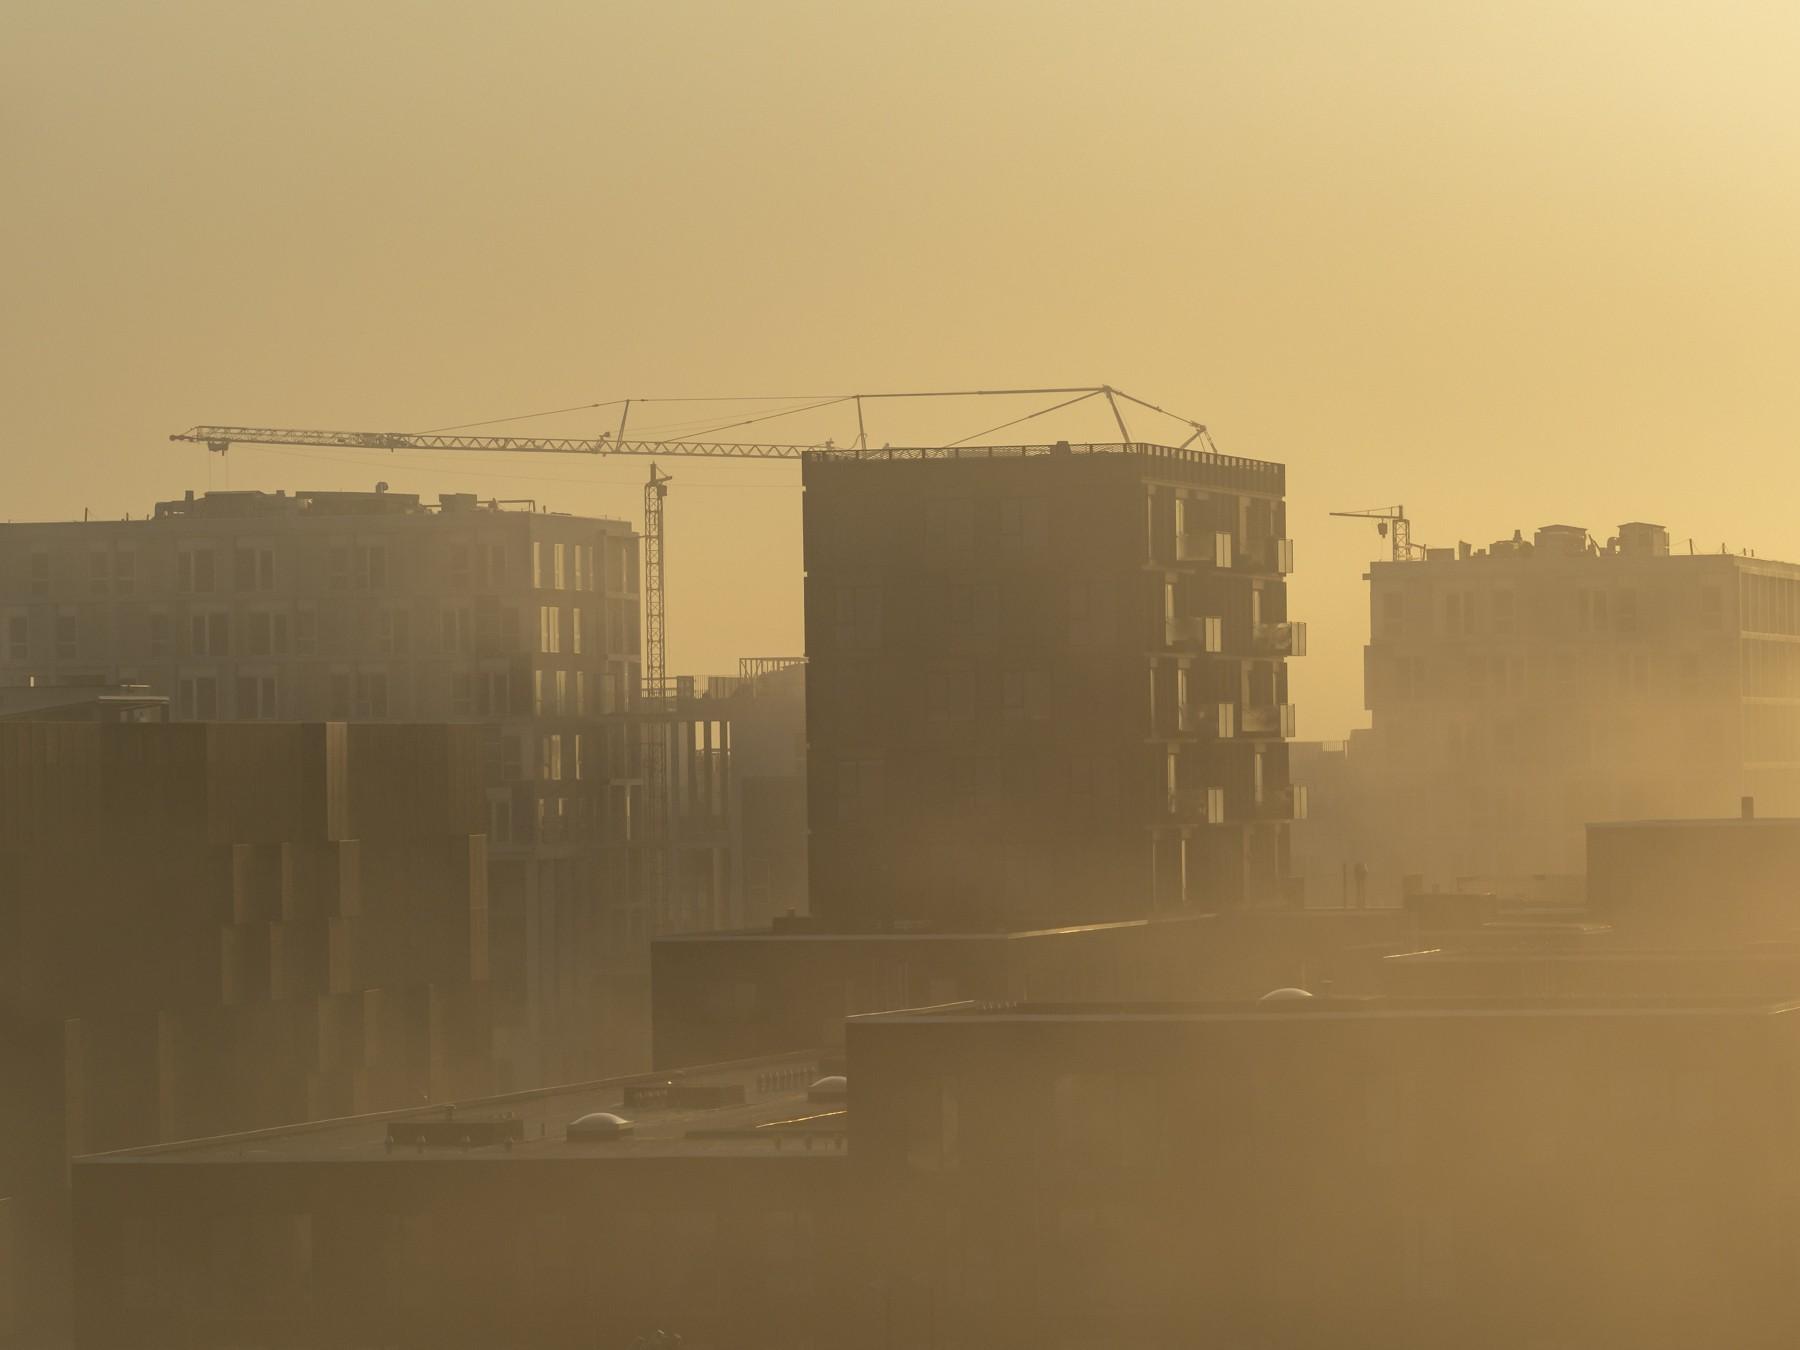 Ørestad og Bellakvarter på en tåget morgen